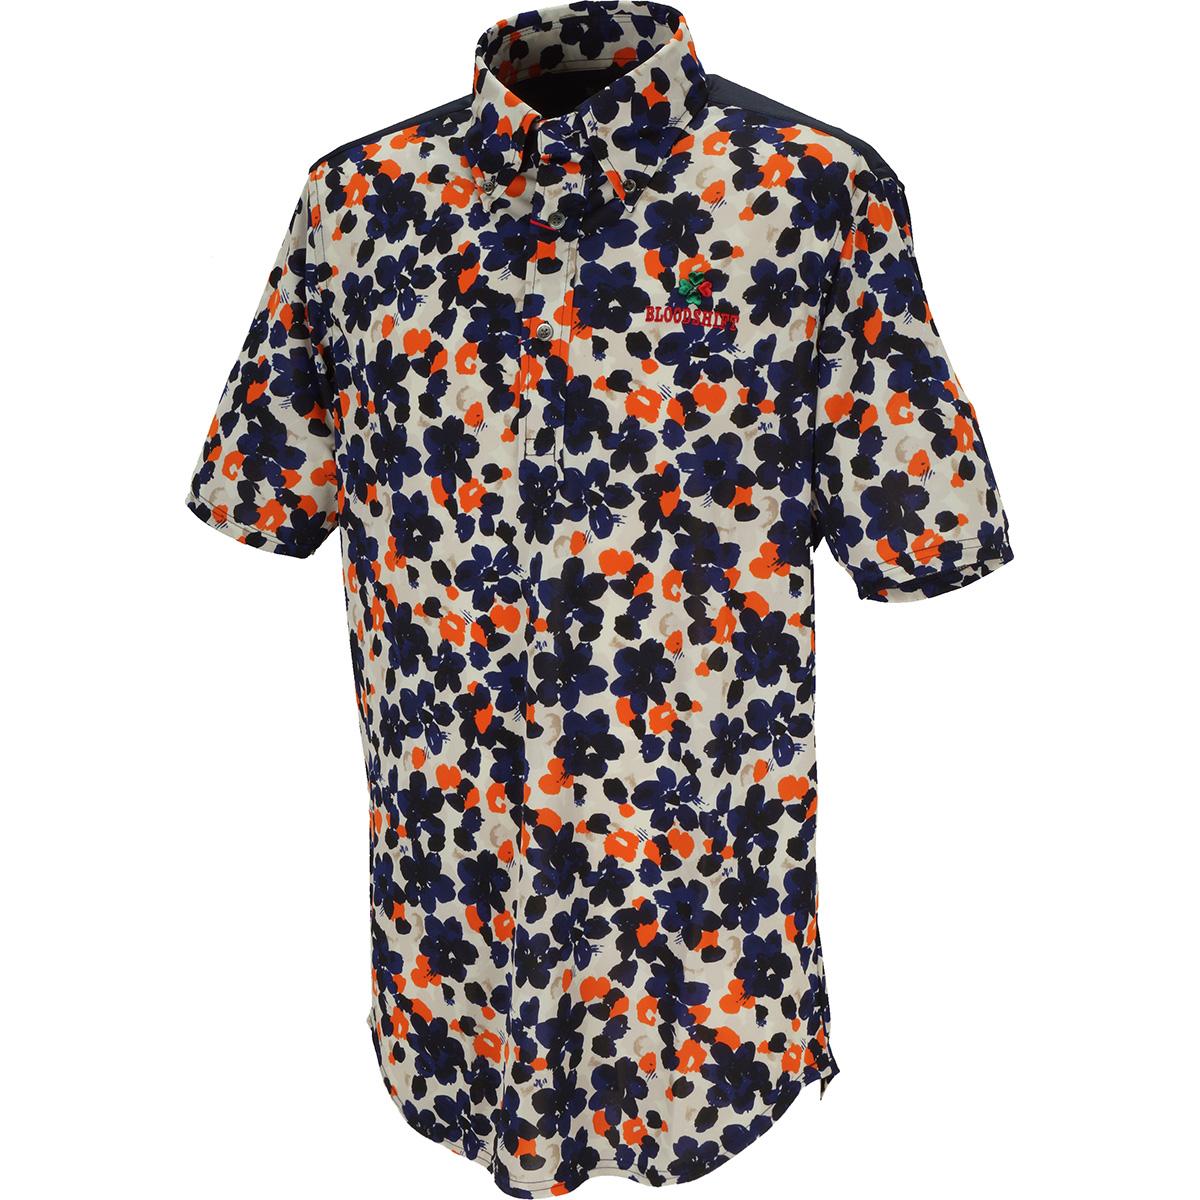 ヨークカラーリングボタンダウン半袖ポロシャツ